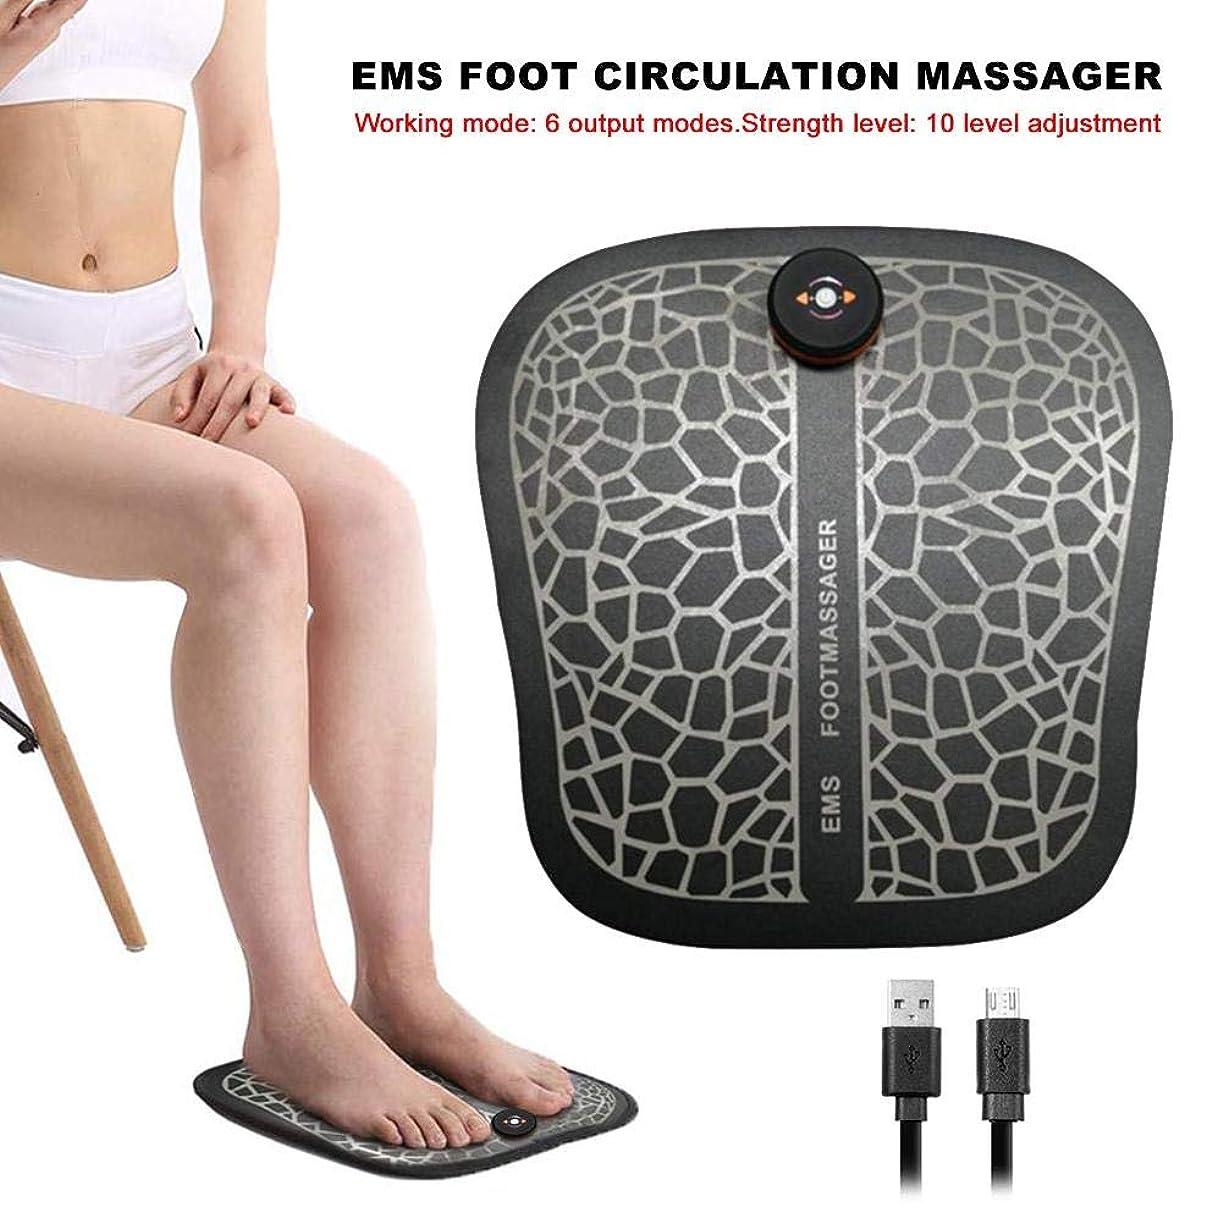 胚芽回転する一般的な足裏のマッサージ、EMSフットサーキュレーションマッサージ、サーキュレーションリリーフ痛みフットレッグ